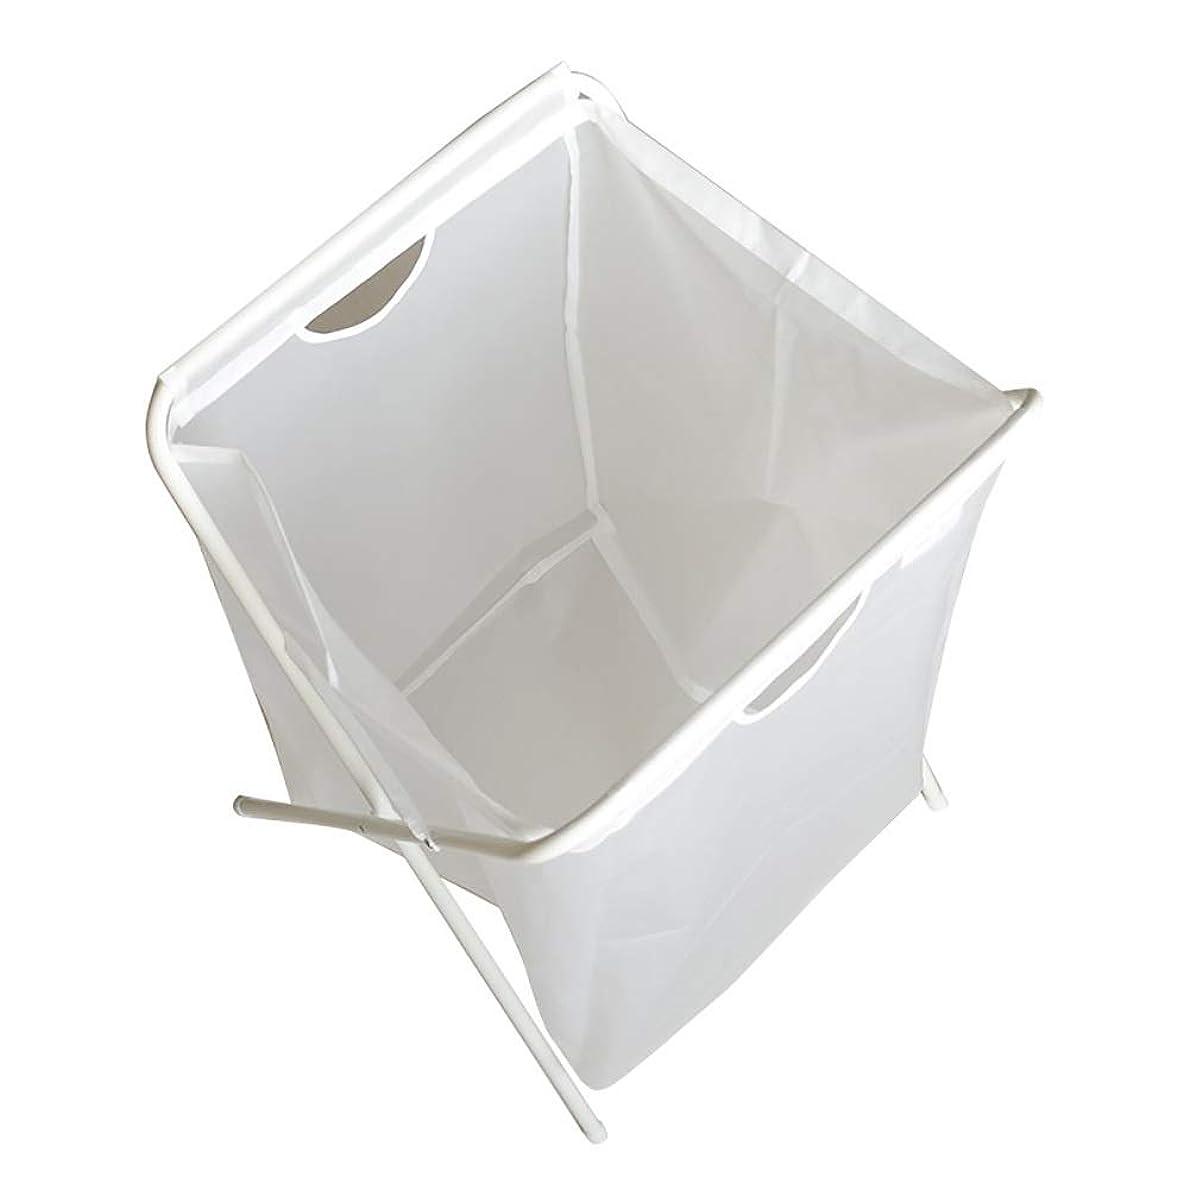 乳剤カカドゥ憧れバスルーム収納ランドリーバスケット、ランドリーバッグ/汚れた衣類収納バスケット/折りたたみ式、リビングルームに適しています、バルコニー